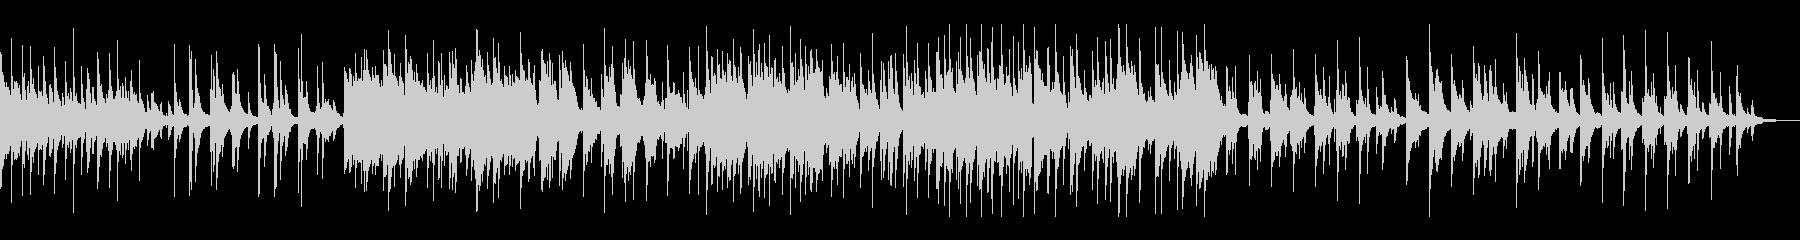 【ピアノ】上品で美しいメロディー・ラインの未再生の波形